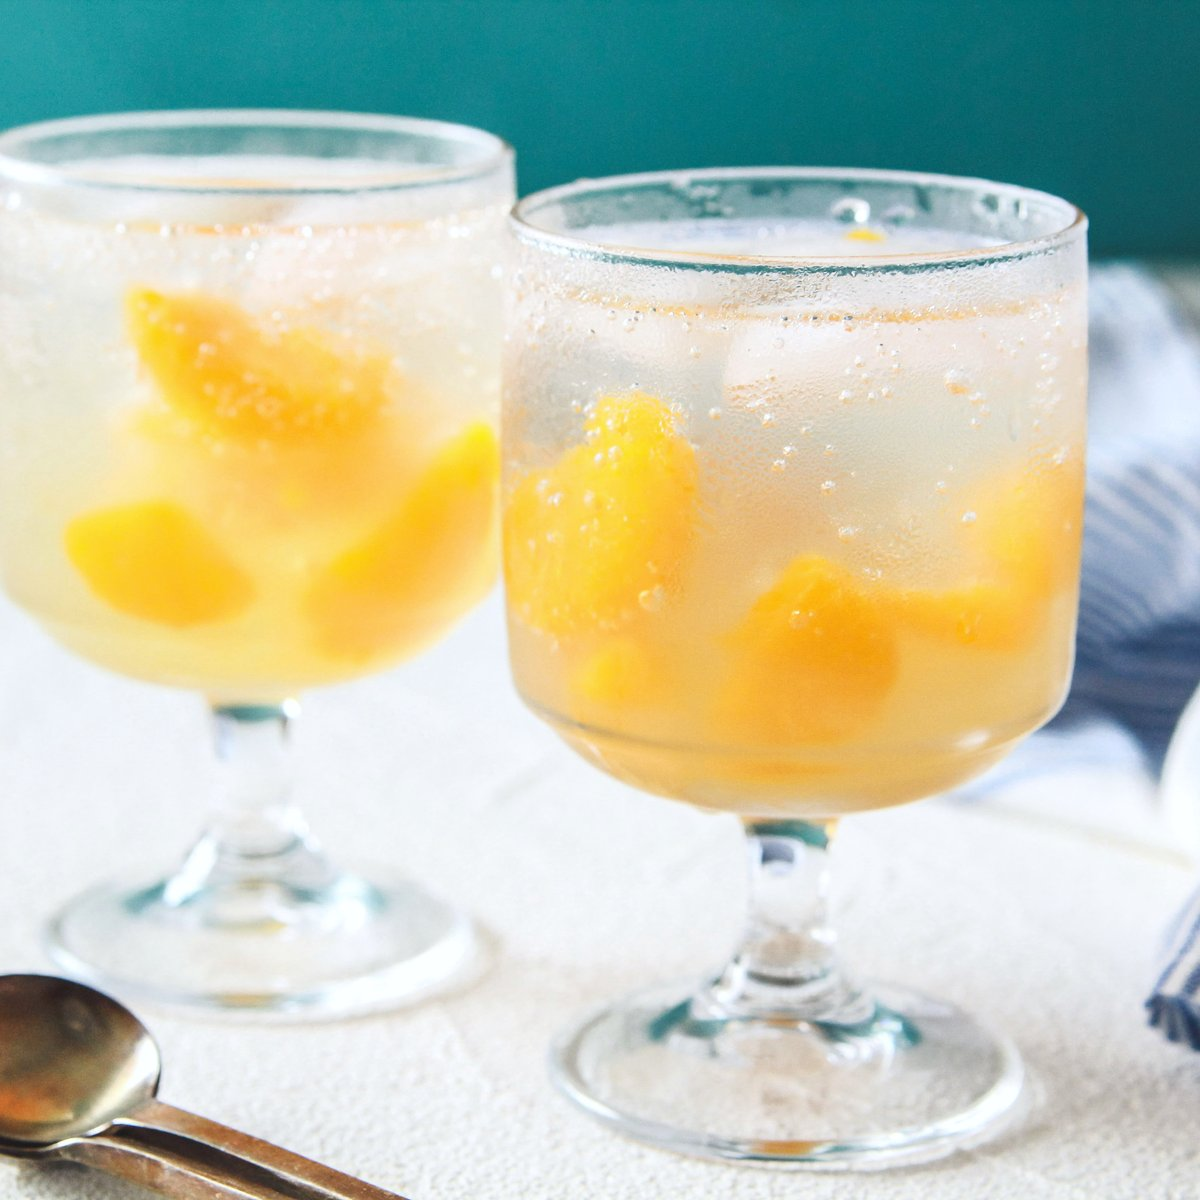 涼しげで今の季節に凄く良さそう!ゼリーを使ったレモネードのレシピ!